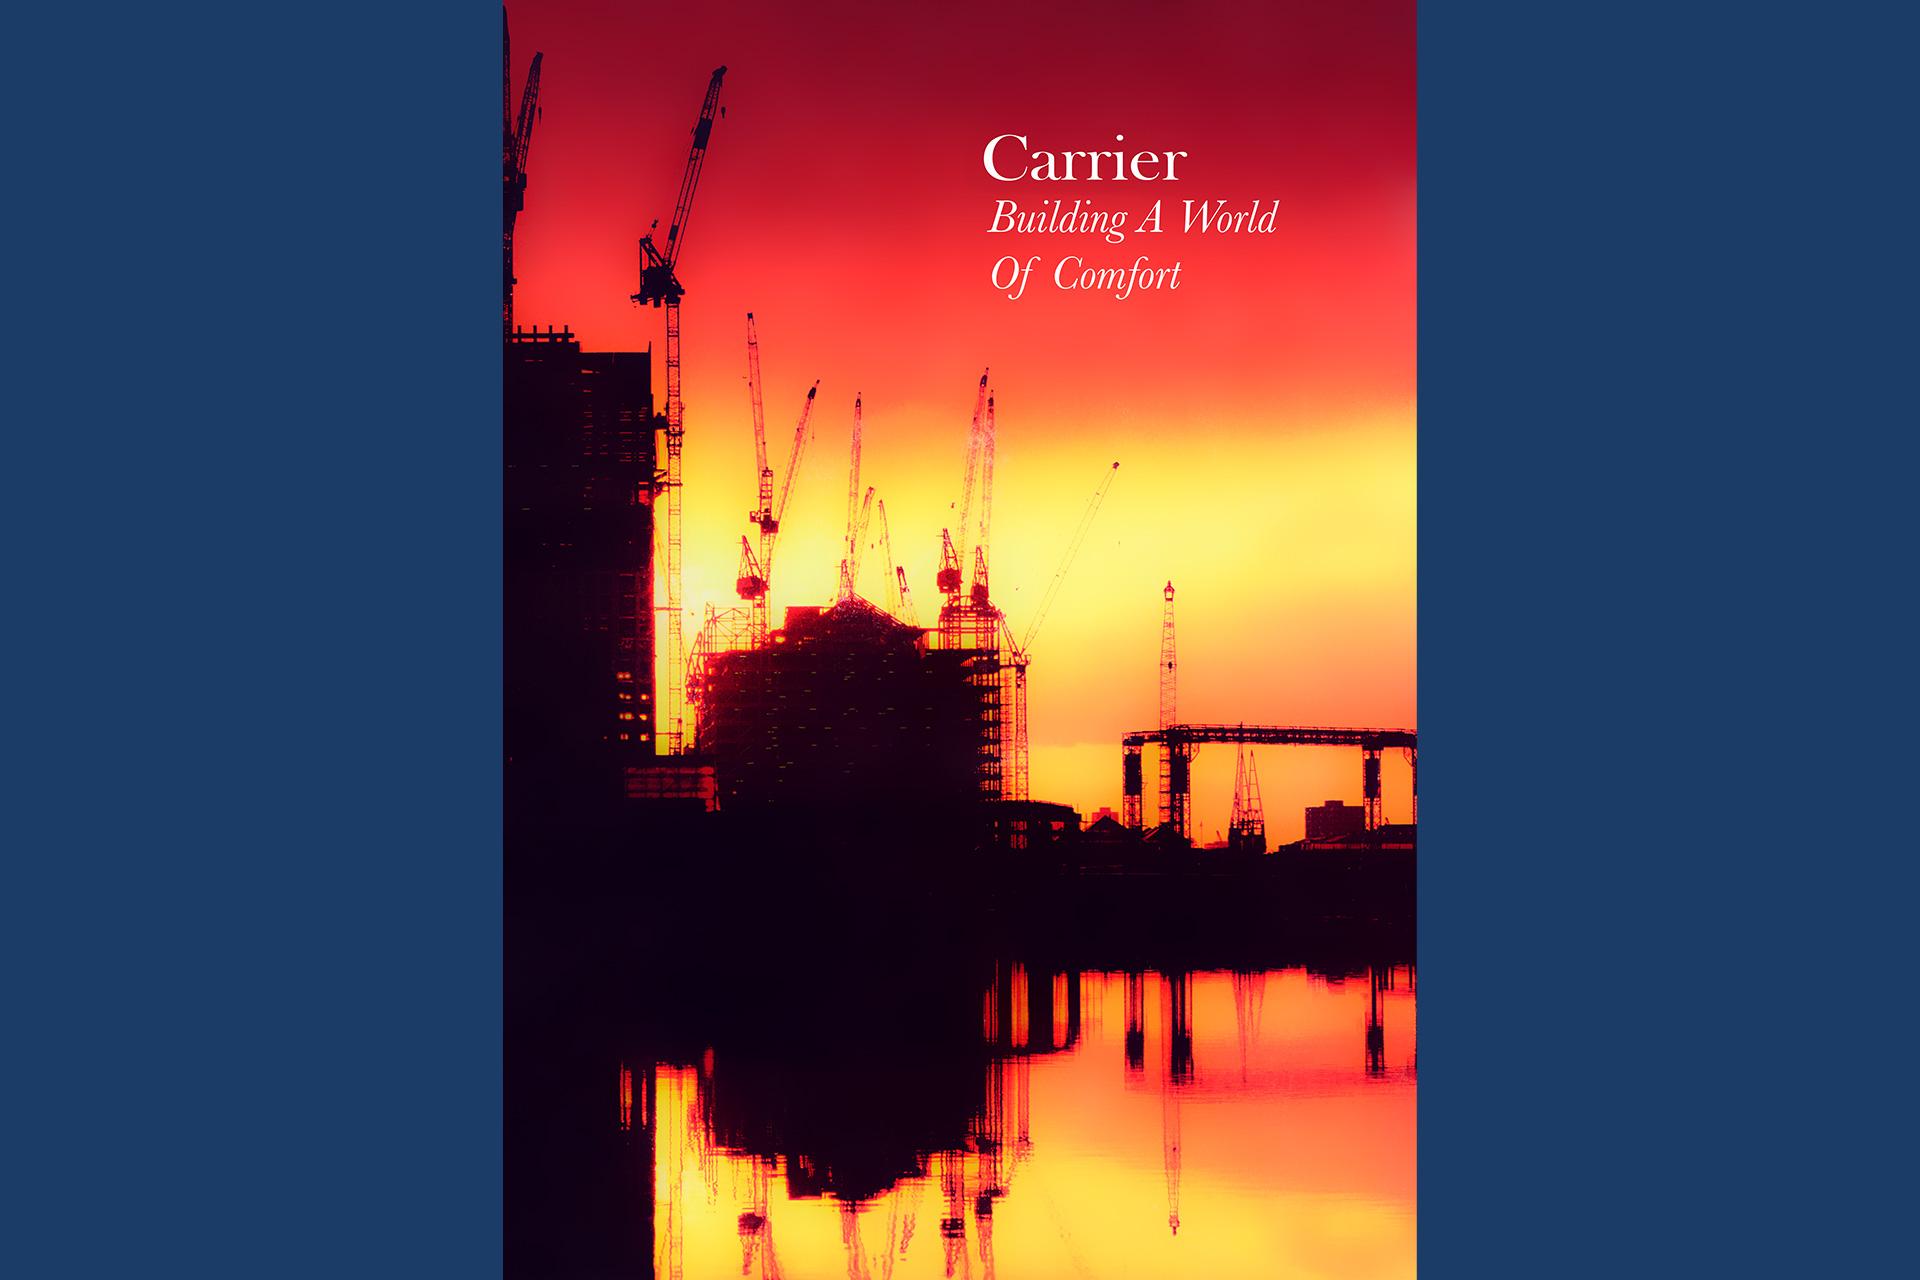 Rapport Annuel Carrier mondial. Photos en pages intérieures. Commande production par FOVEA.